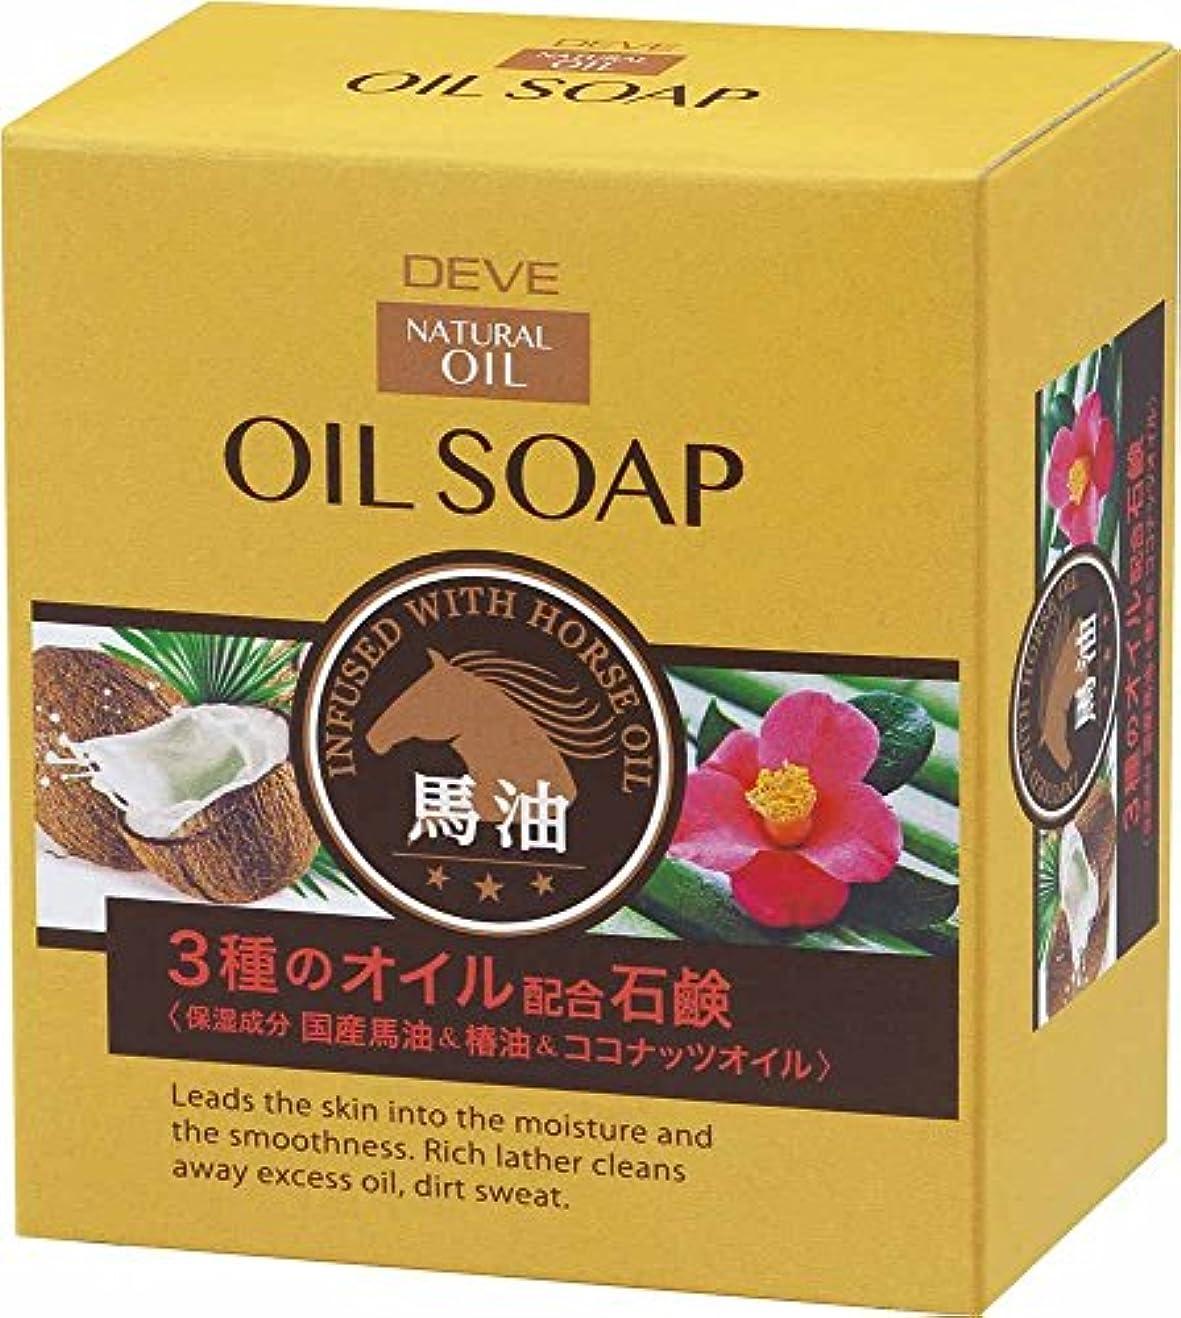 チロアンビエントコーンディブ 3種のオイルせっけん(馬油?椿油?ココナッツオイル) 100g